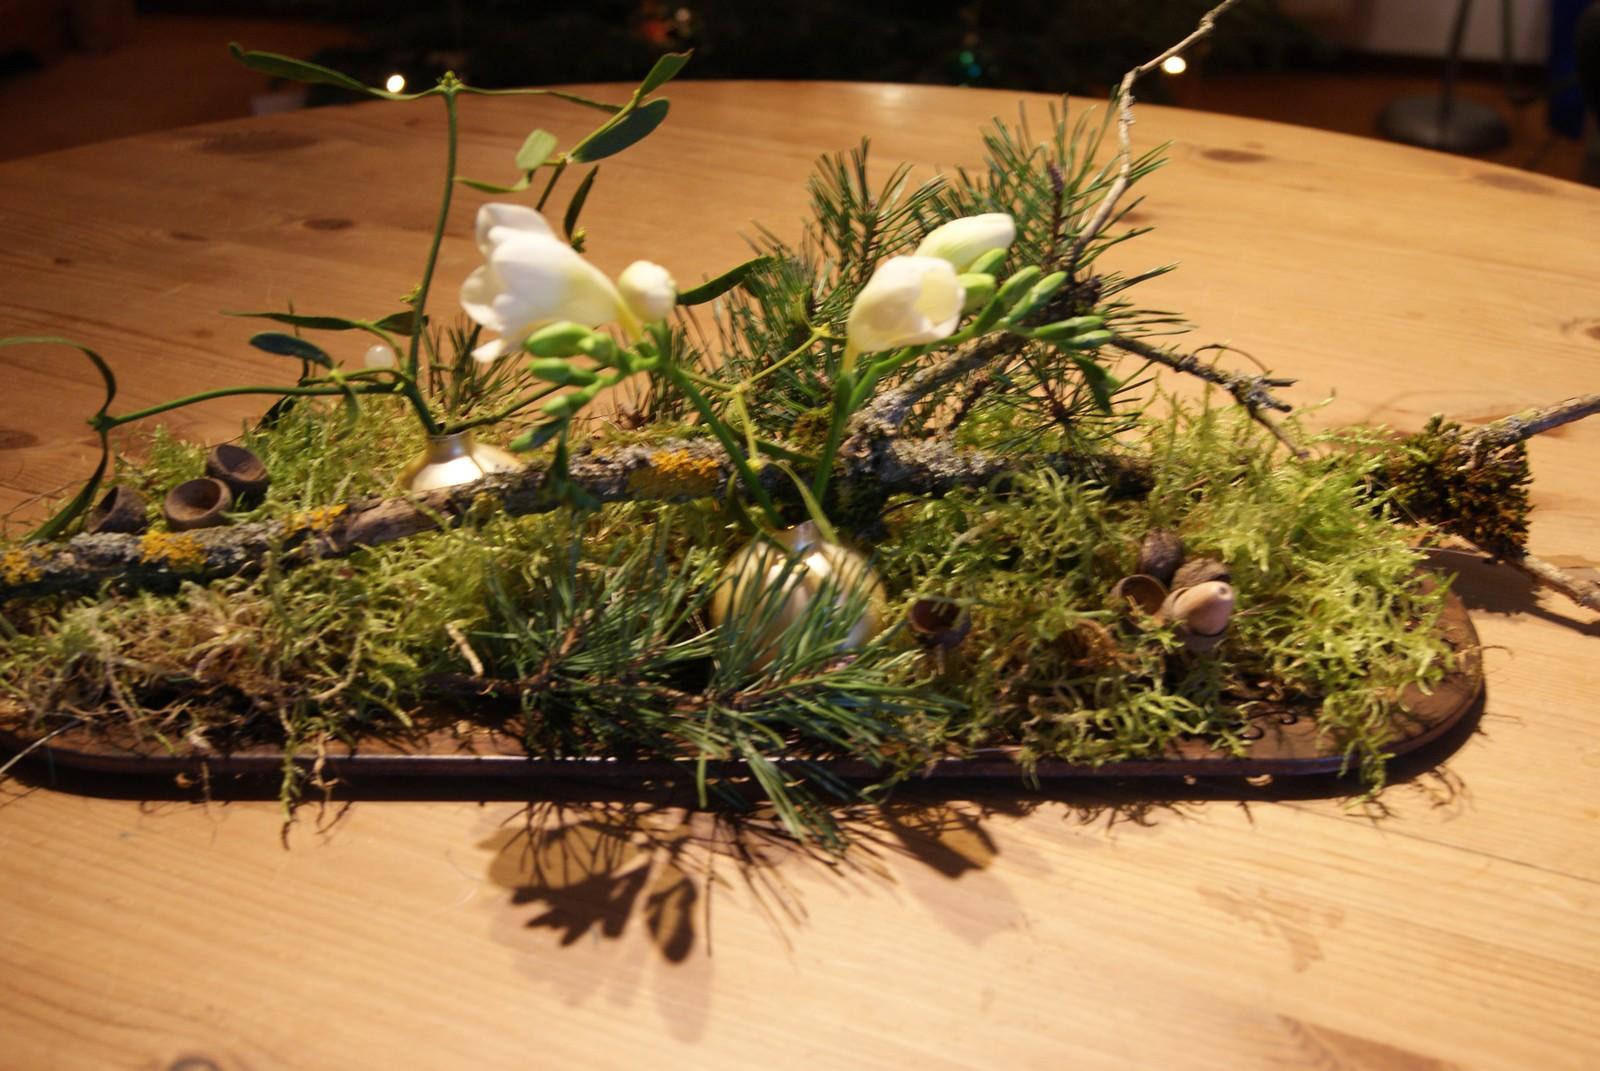 Filz Und Garten Gartenblog Winterliche Tischdekoration